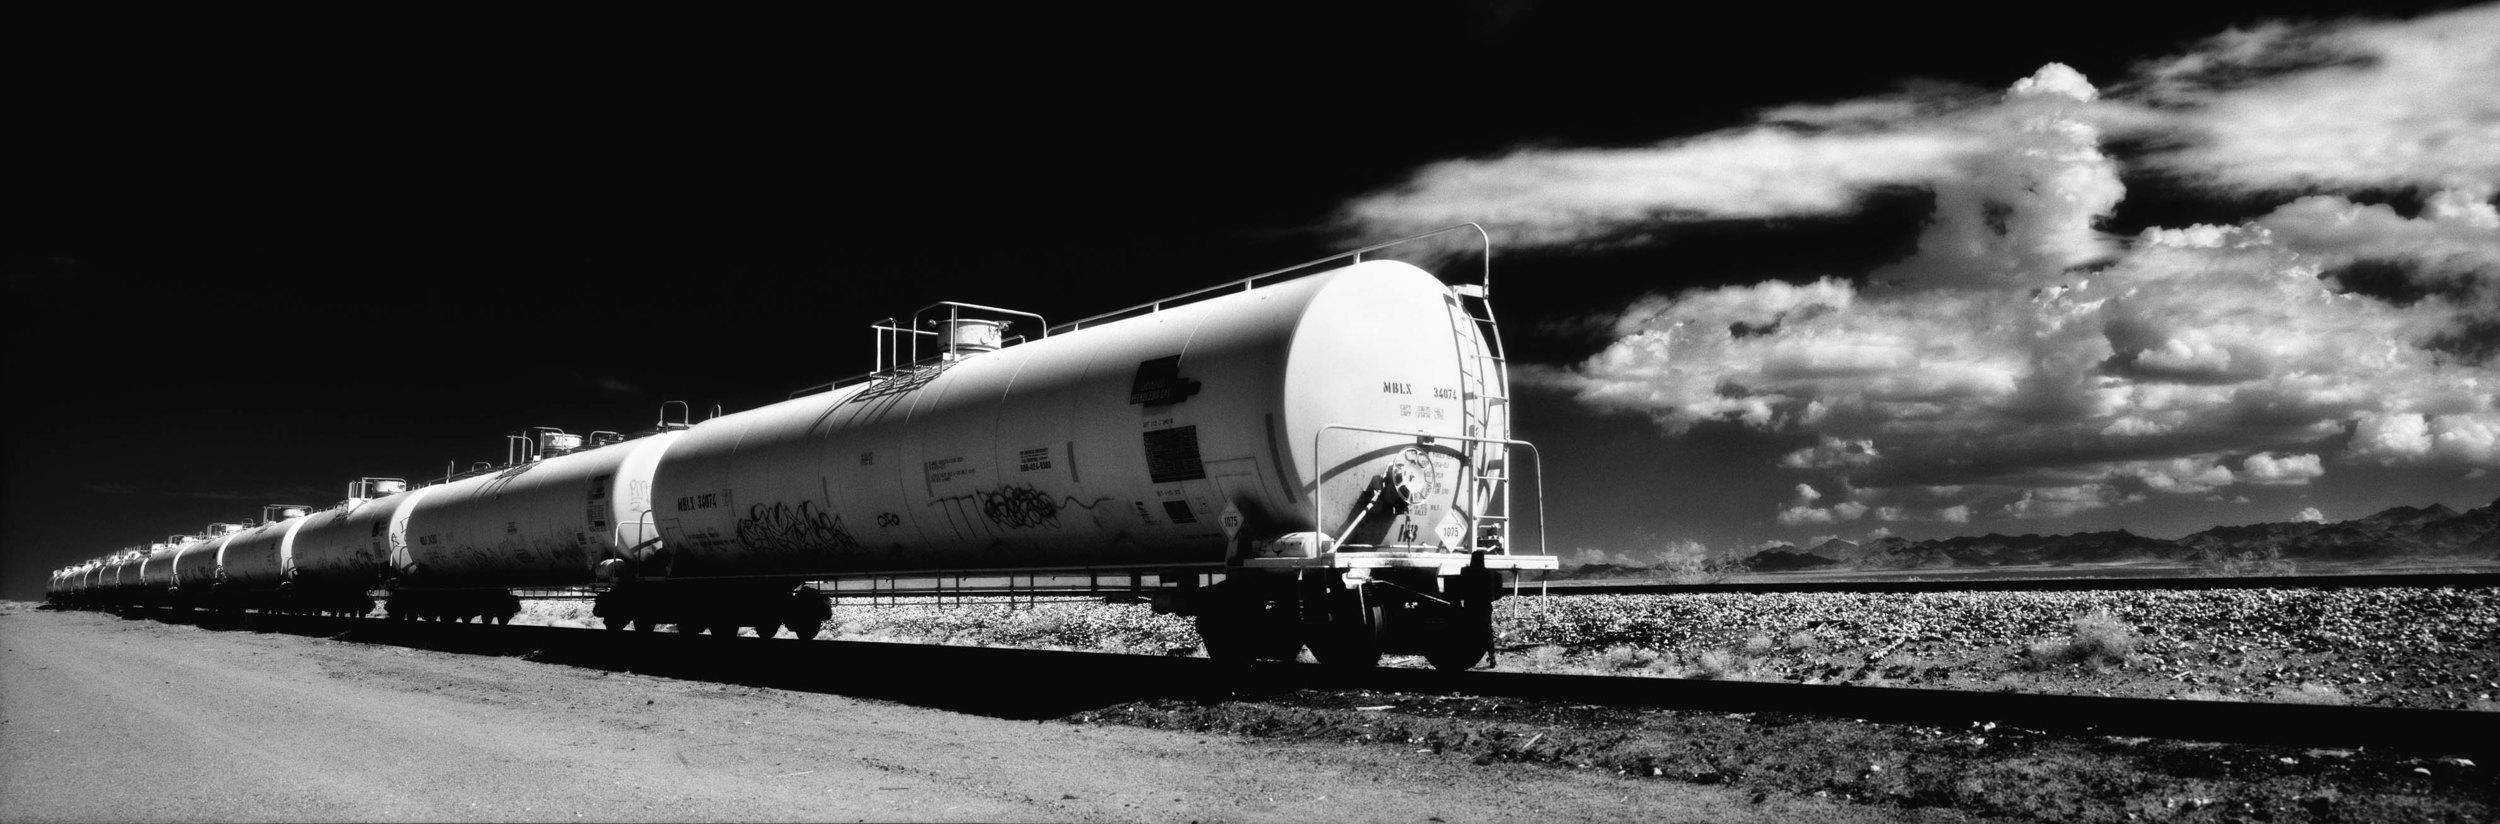 Mojave Train Car